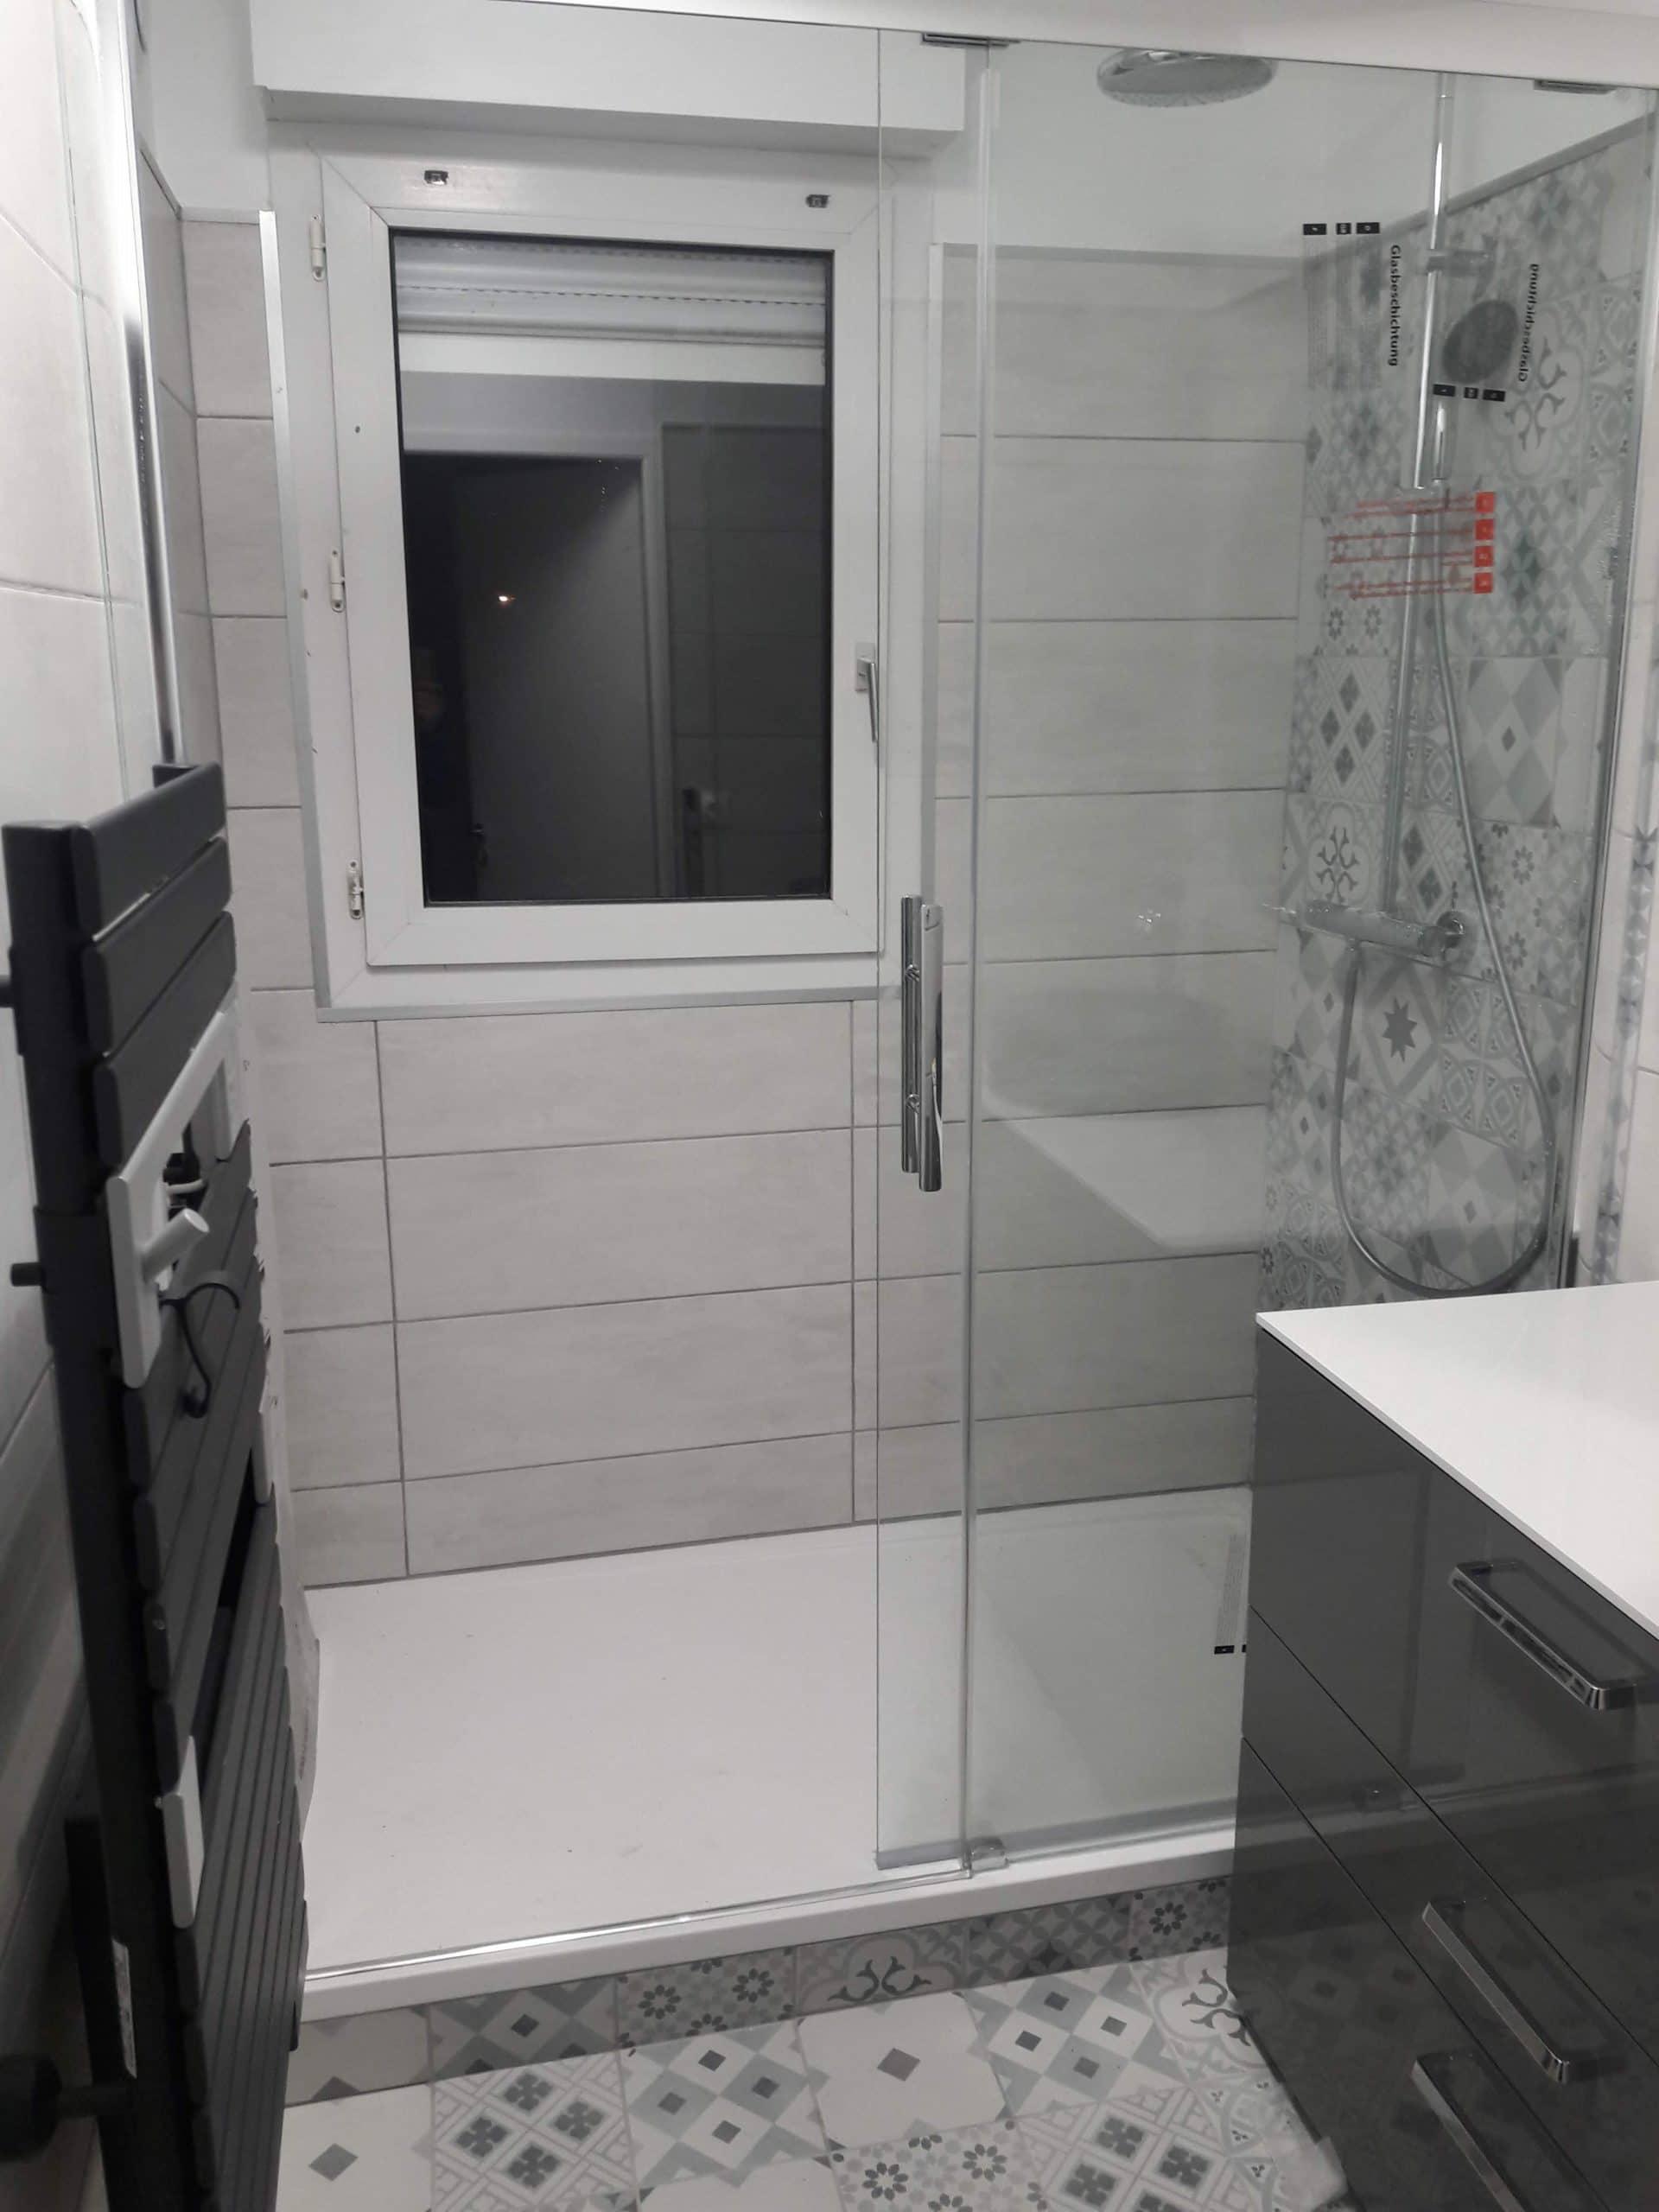 Rénovation de salle de bain à Roubaix (59)